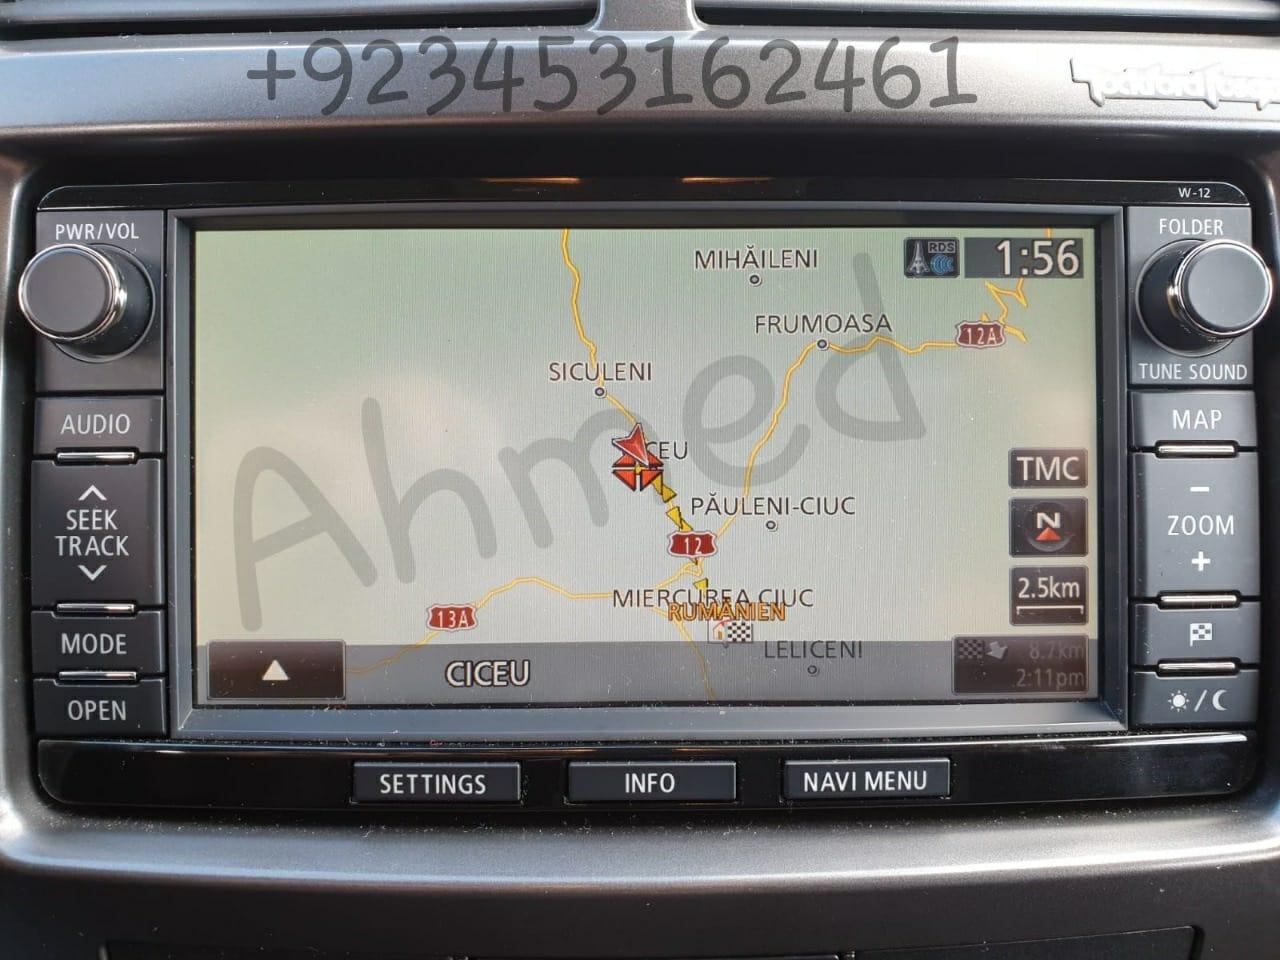 check map sd memory card: Mitsubishi sd card software